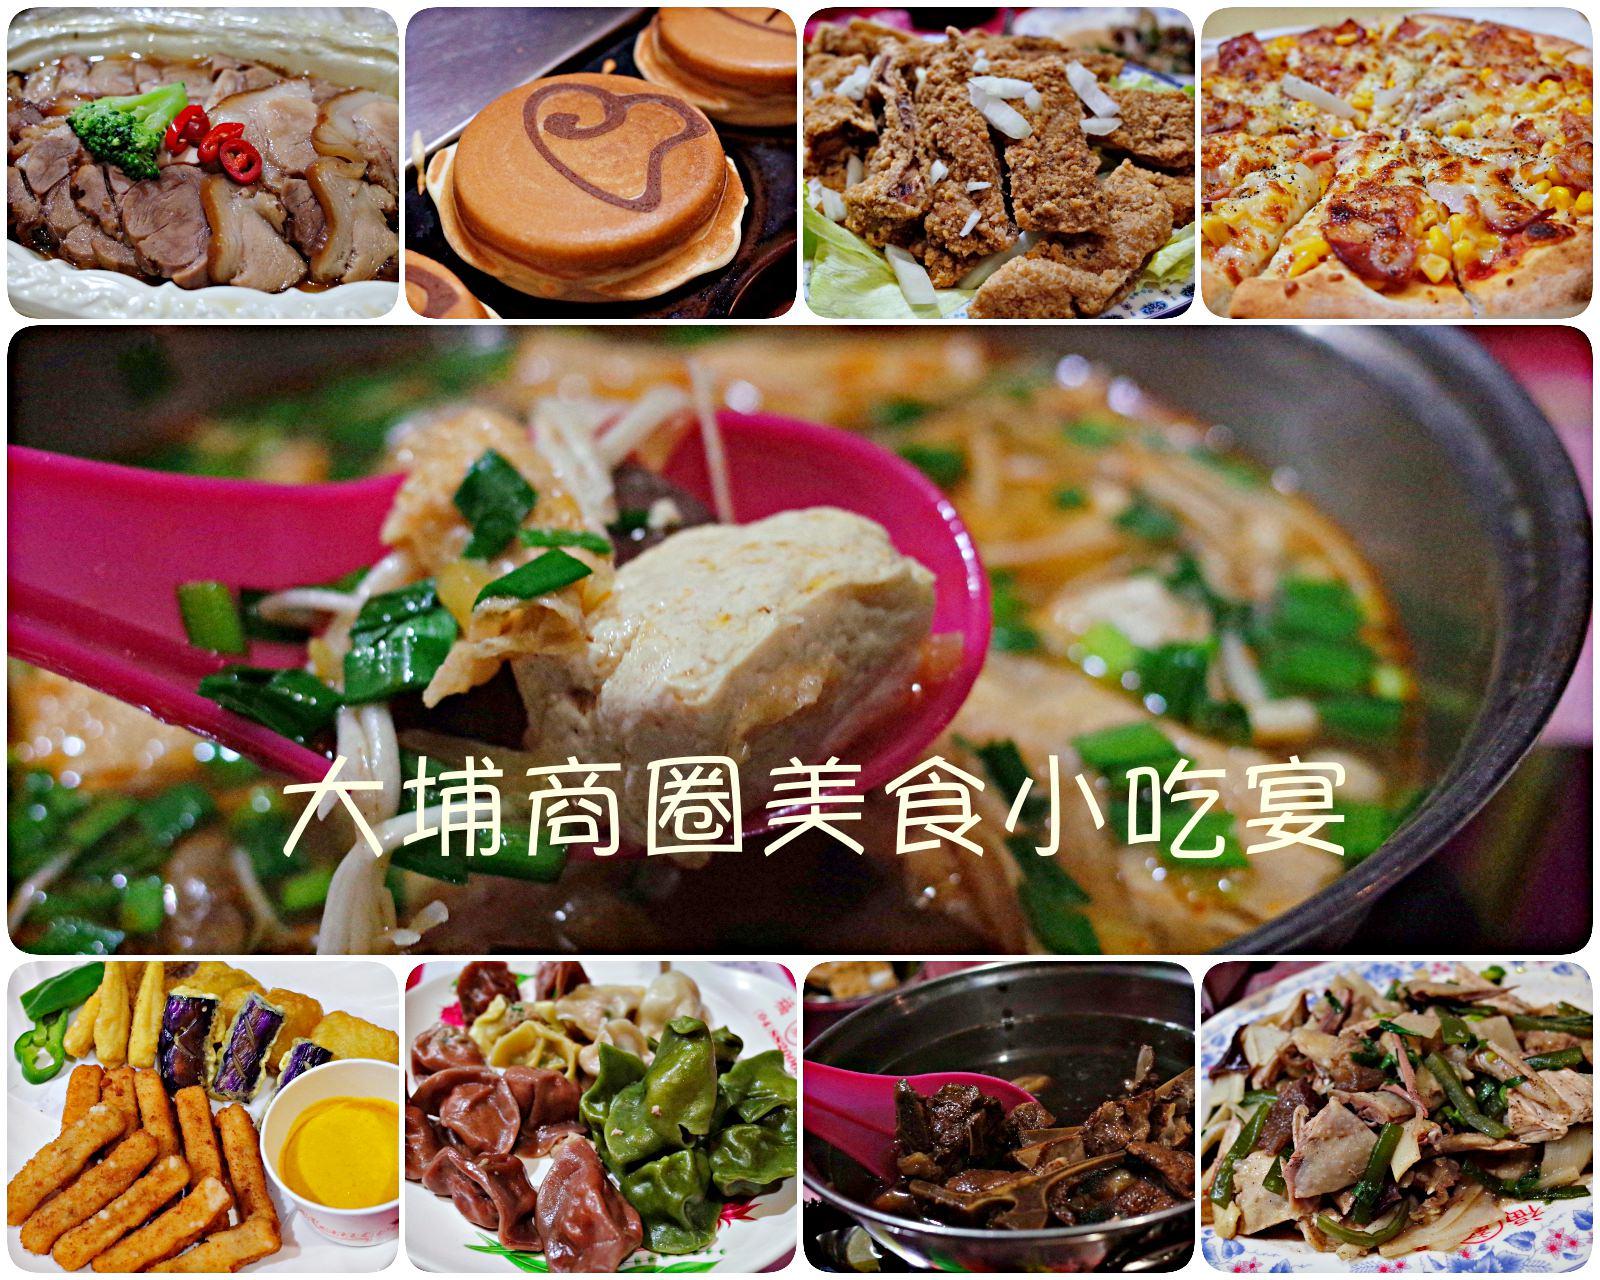 彰化美食推薦|大埔商圈美食小吃宴 精選20道銅板美食佳餚推薦